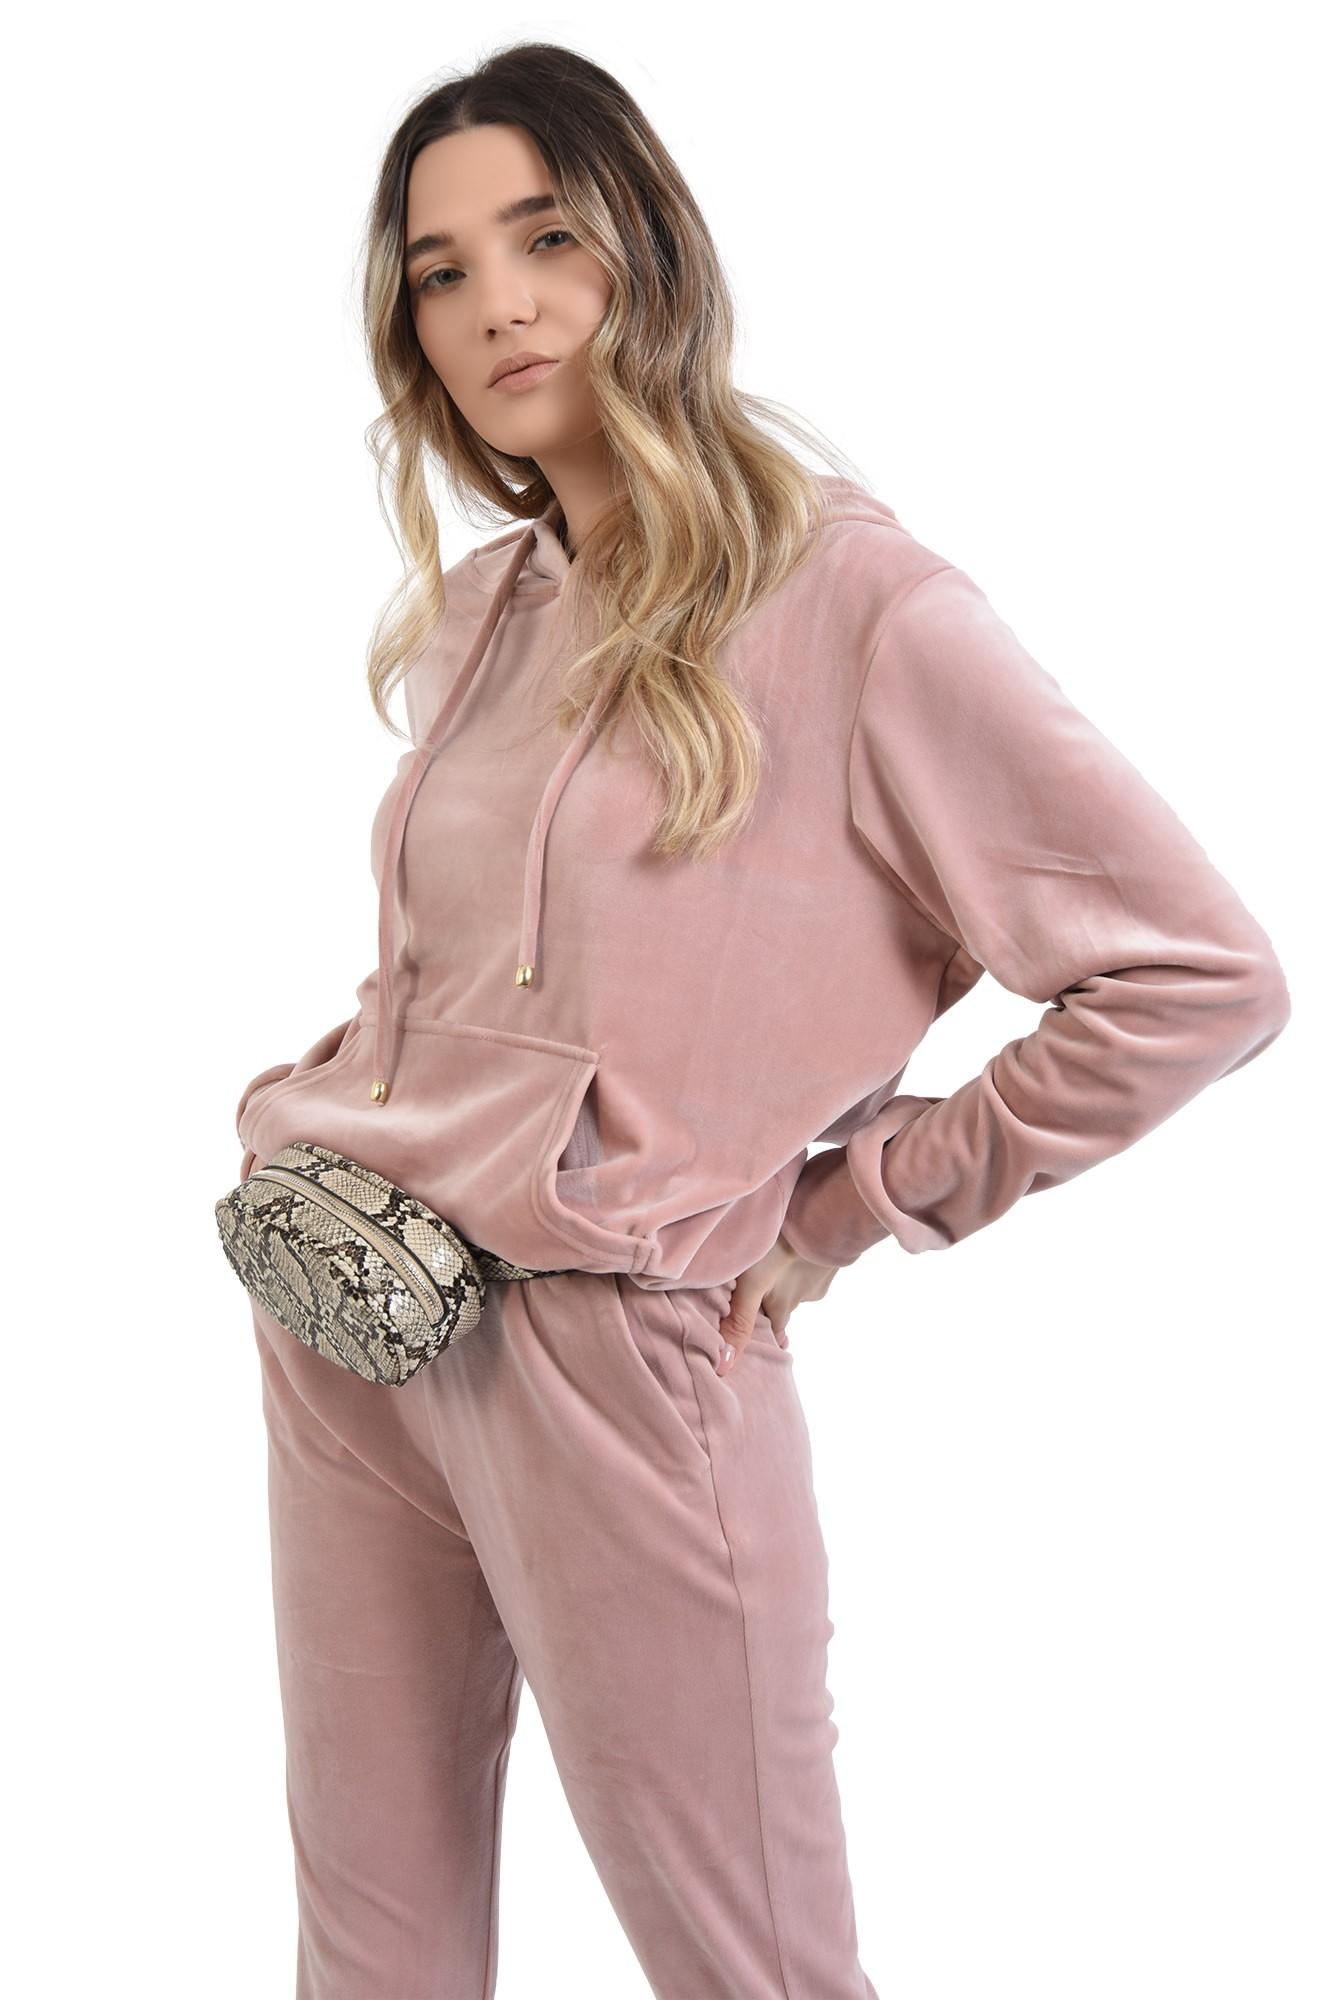 0 - 360 - pantaloni roz, din catifea, cu buzunare